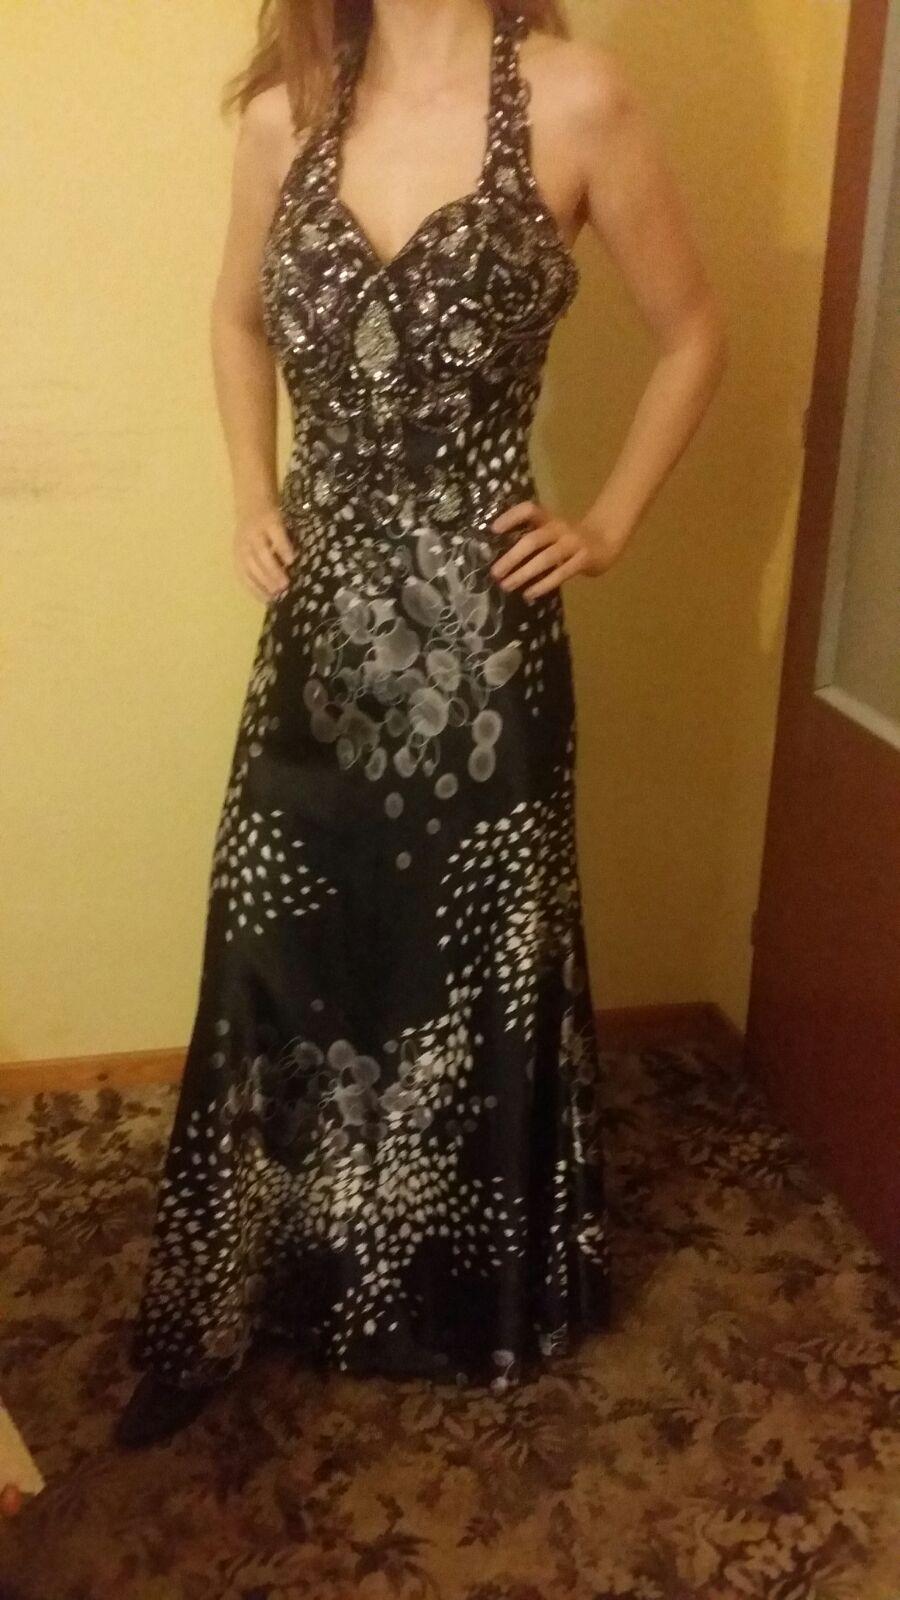 Dámske spoločenské šaty, veľkosť 38 - Obrázok č. 1